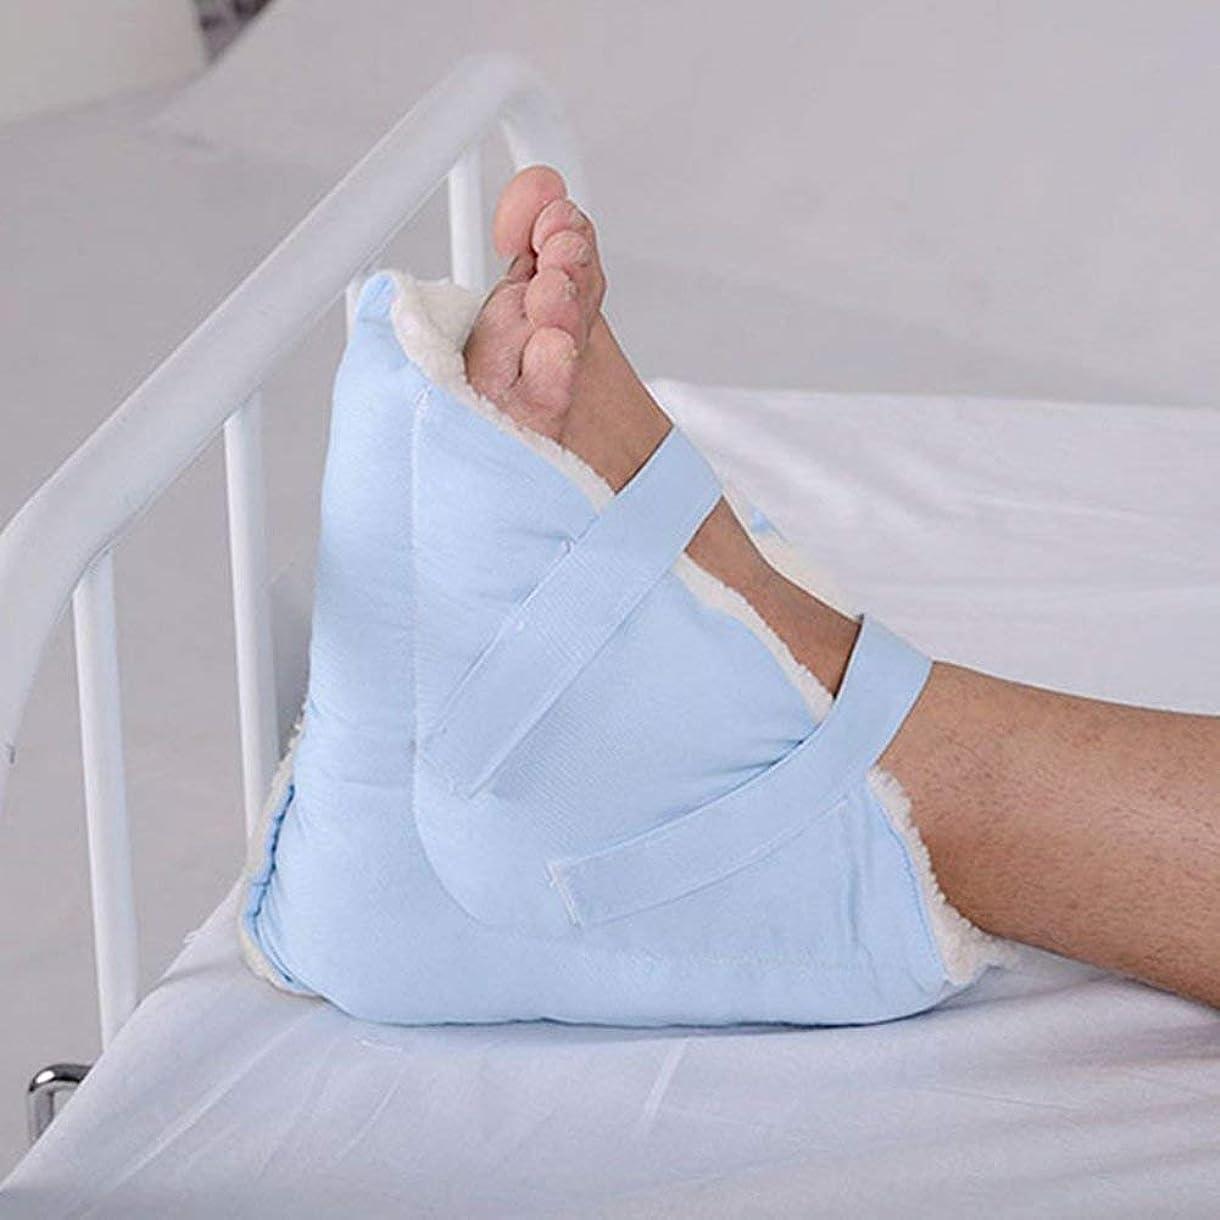 絶縁する肘掛け椅子画家医療用ヒールクッションプロテクター - 足と足首の枕ガード1組 ? - 合成 ラムスウールフリースパッド入り - 圧力開放